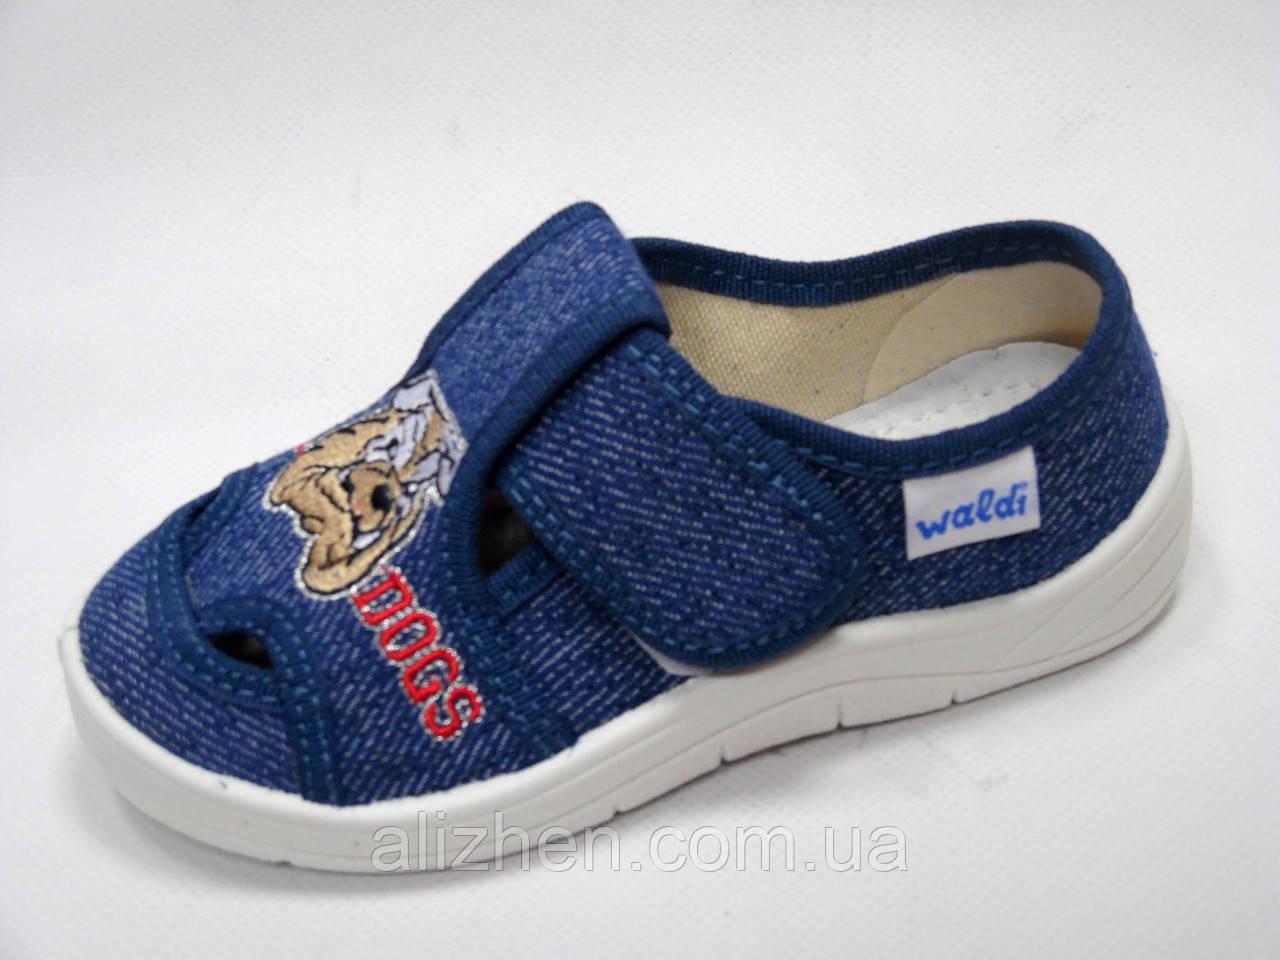 """Текстильные тапочки, мокасины, слипоны, текстильная обувь для мальчика тм""""Валди"""" , размеры  26."""